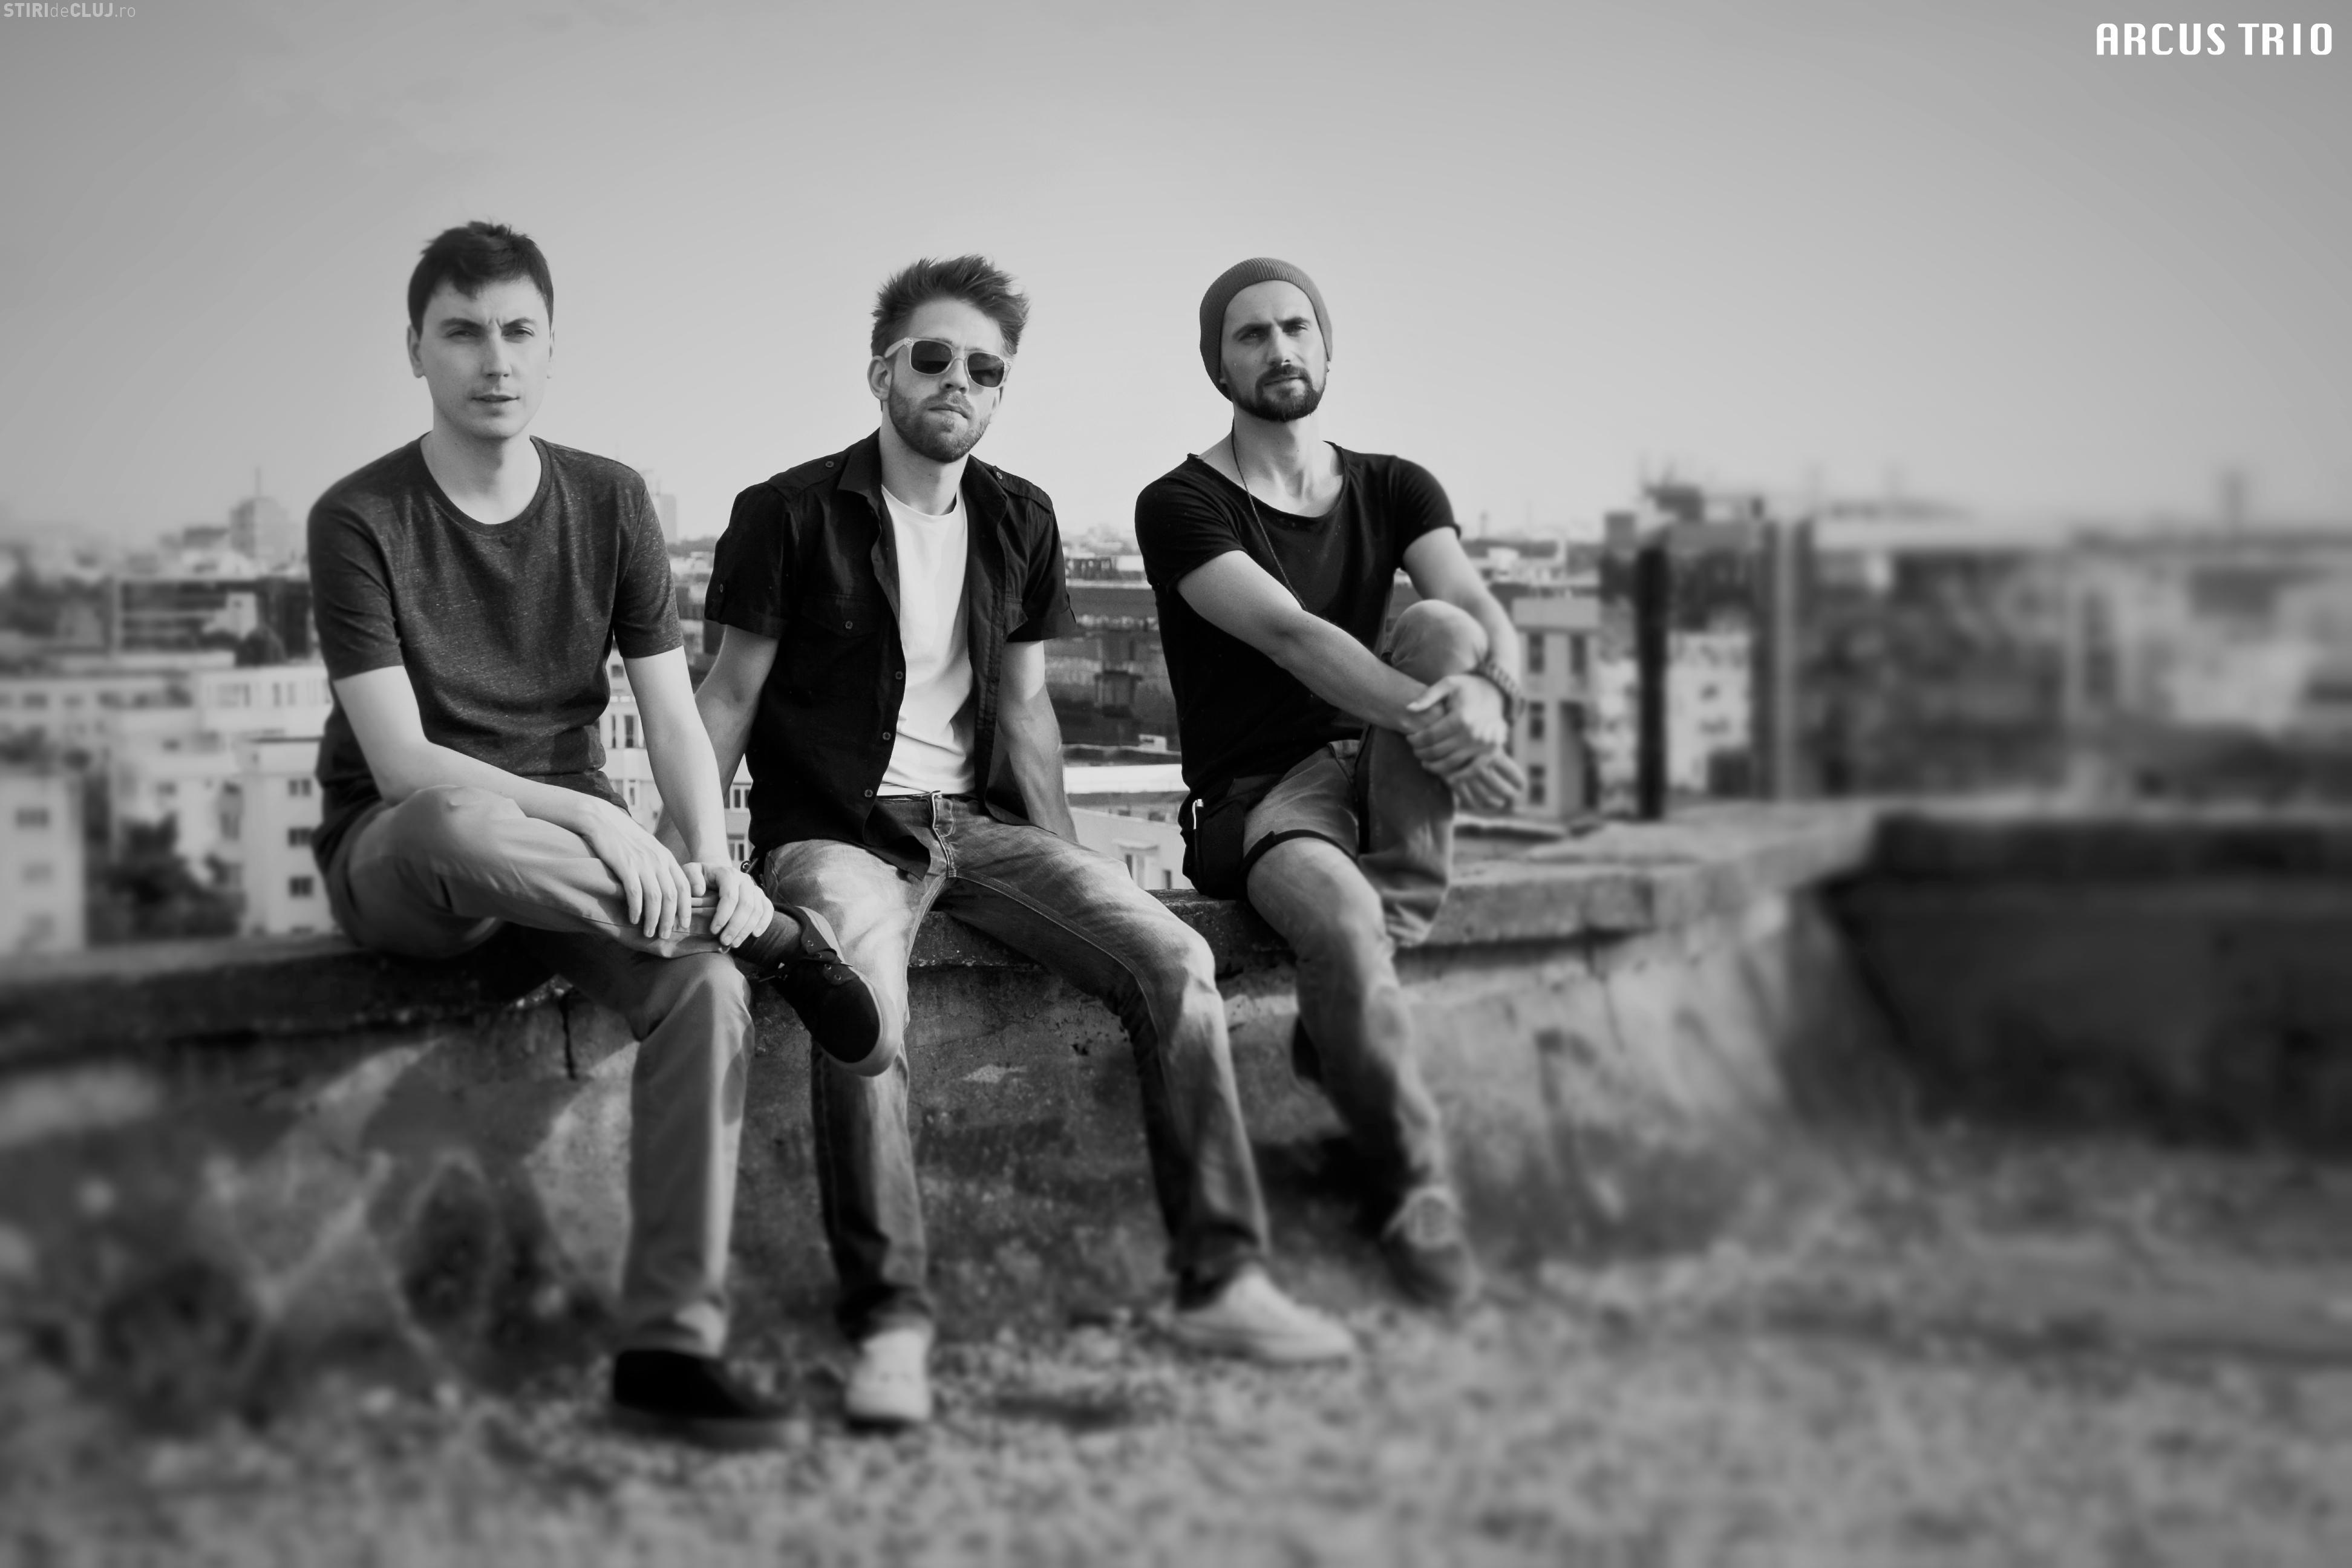 Concert Jazz de senzație! Arcuș Trio cântă pentru prima dată la Cluj